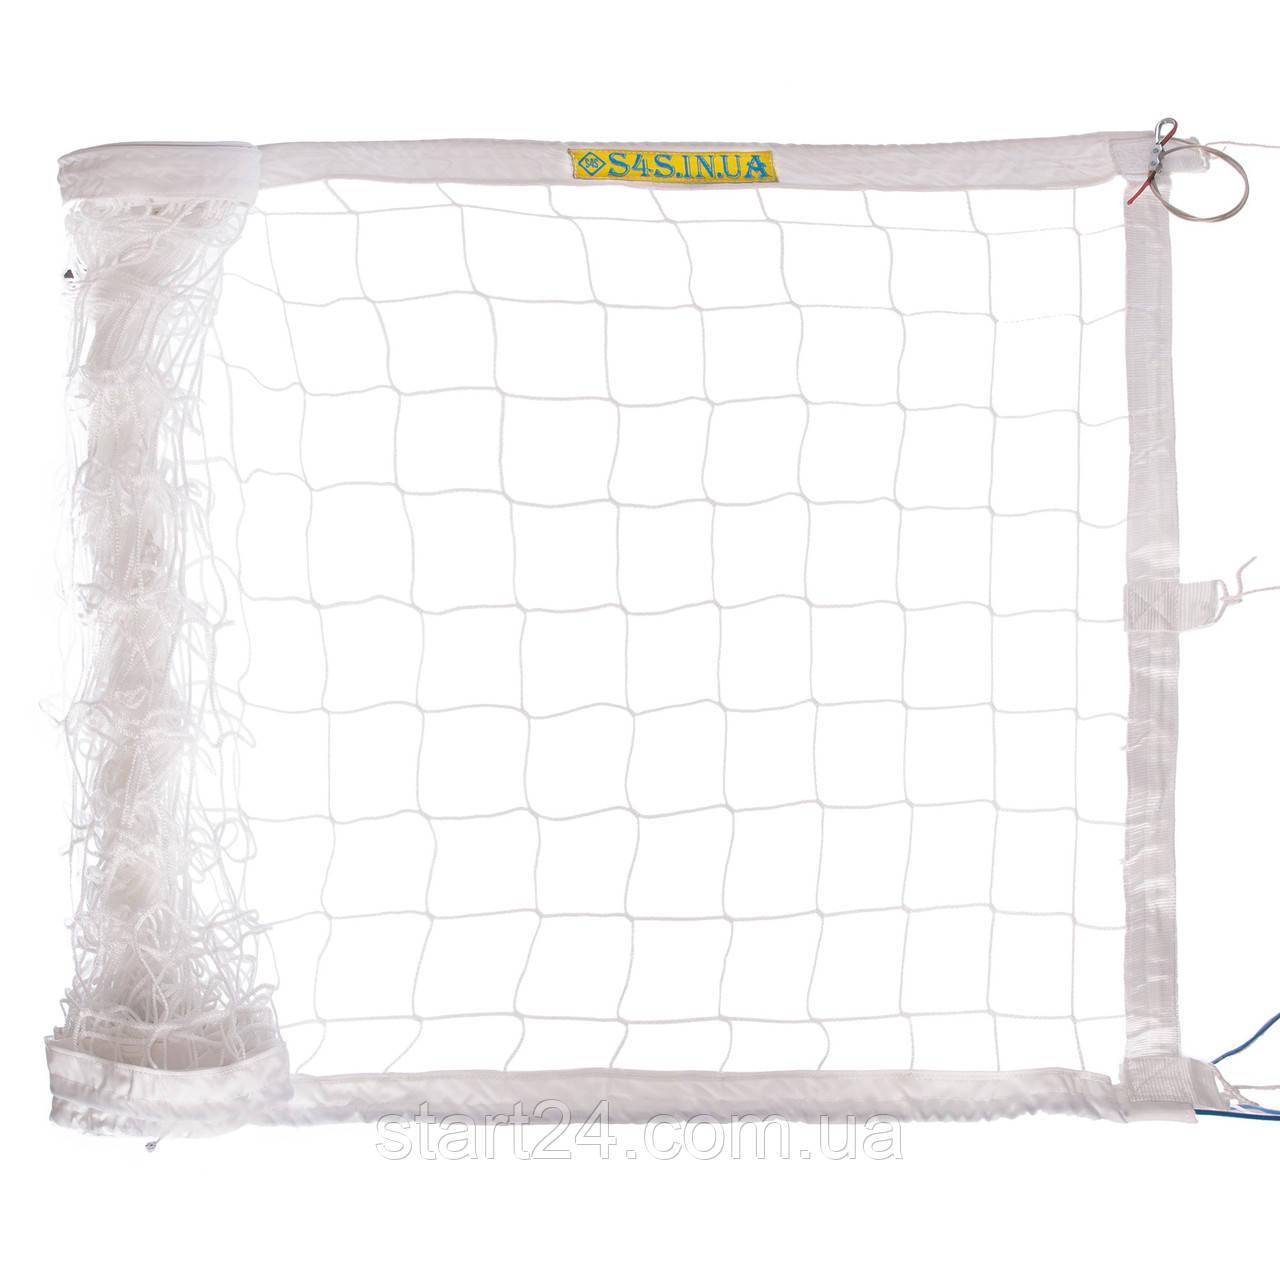 Сітка для волейболу ЄВРО НОРМА ЛАЙТ SO-2078 (PP 3мм, р-н 9,5х1м, осередок 10х10см, з метал. тросом, білий,